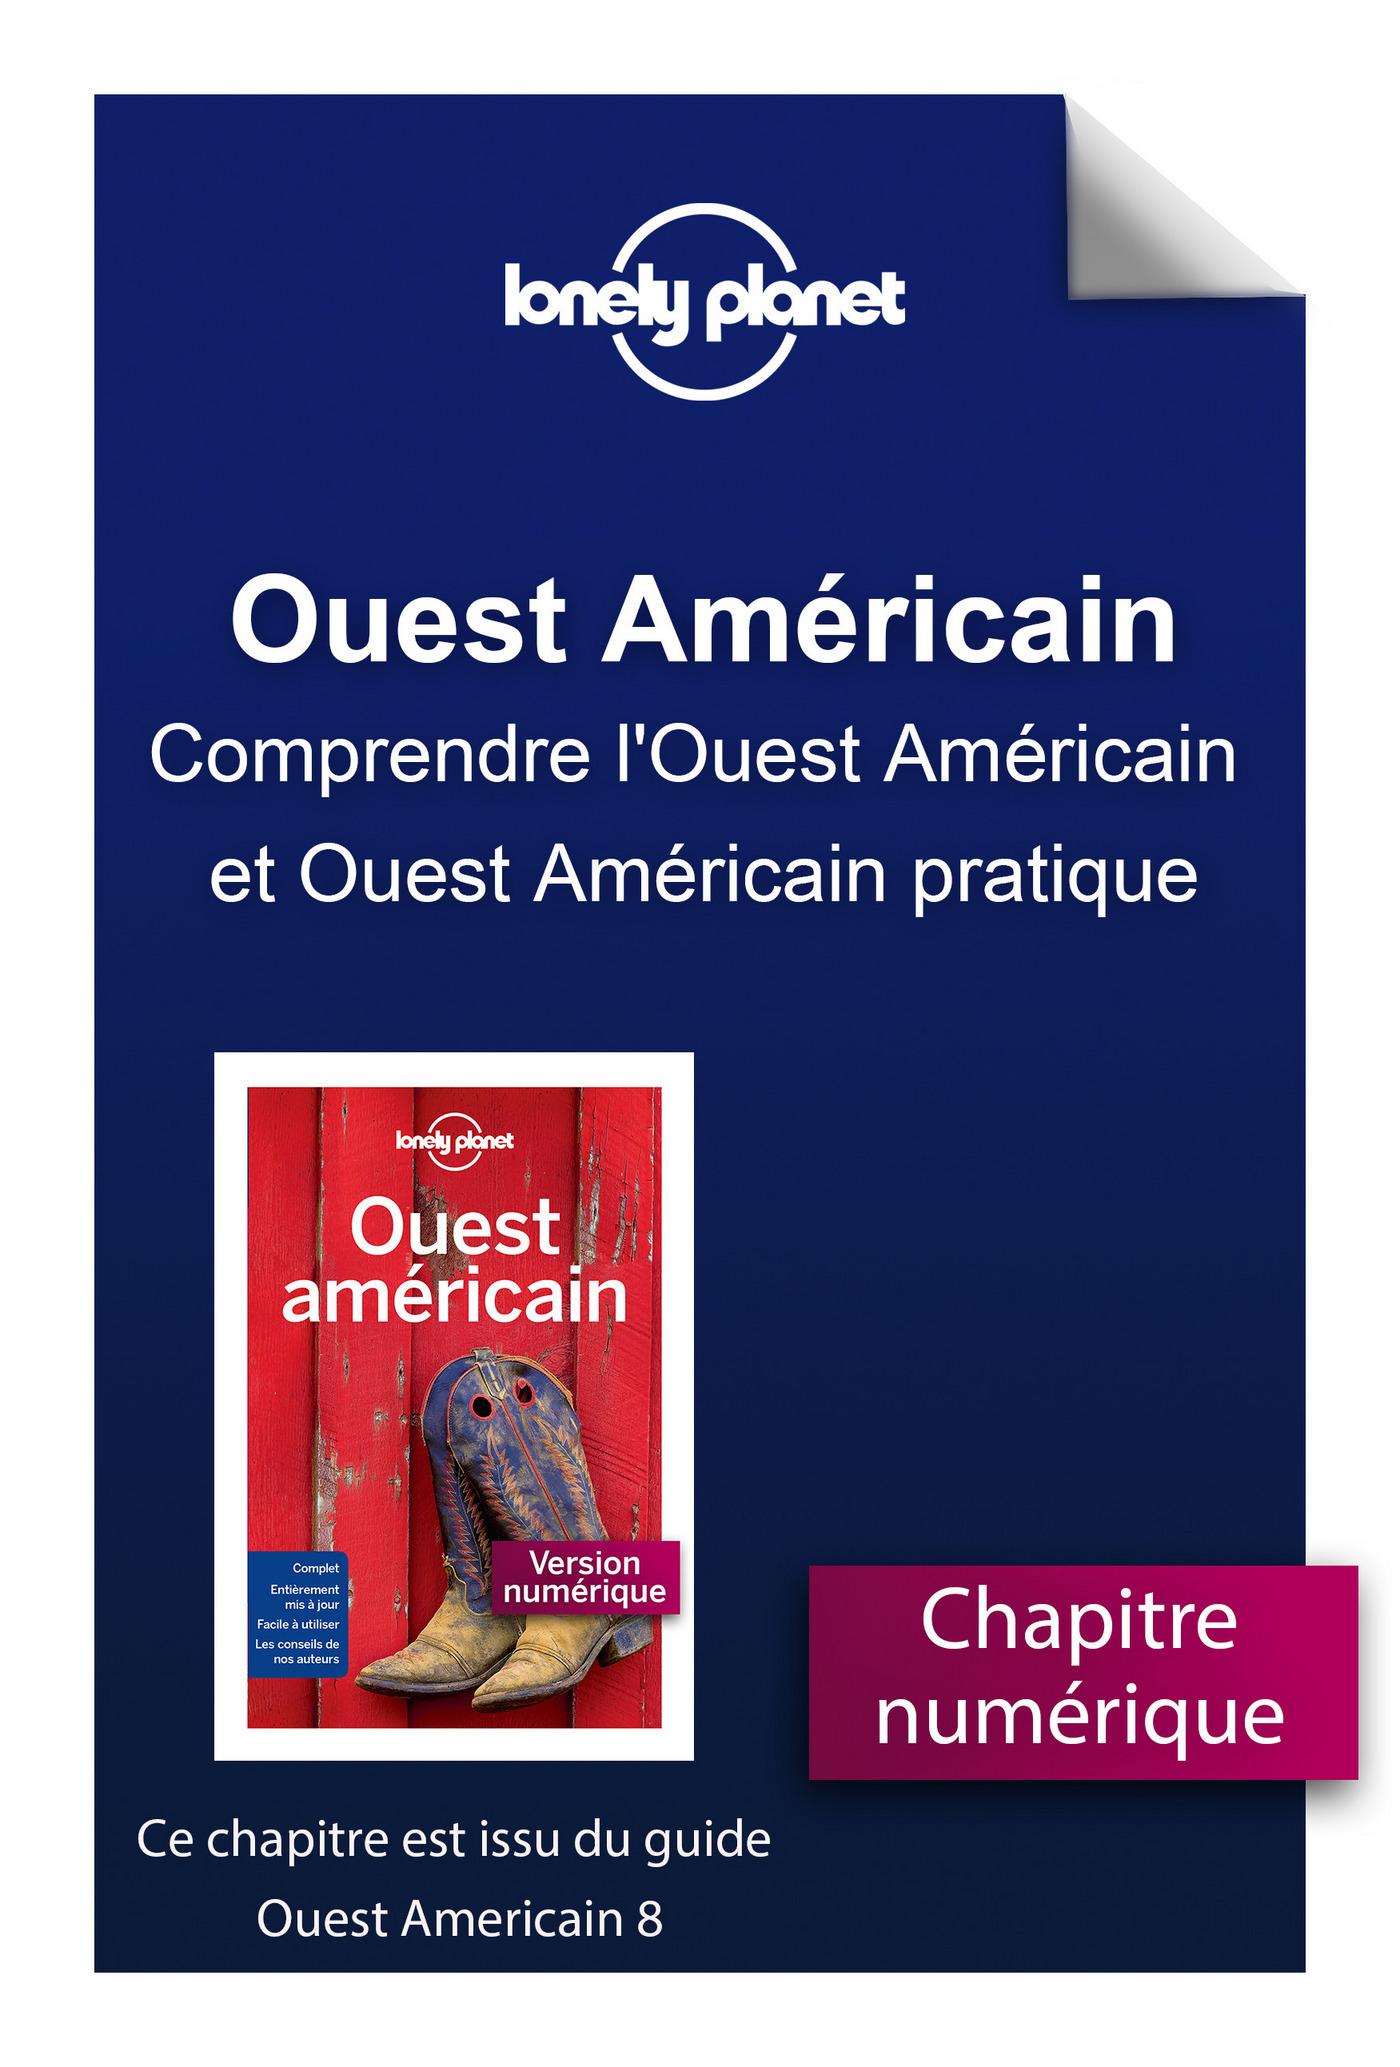 Ouest Américain - Comprendre l'Ouest Américain et Ouest Américain pratique